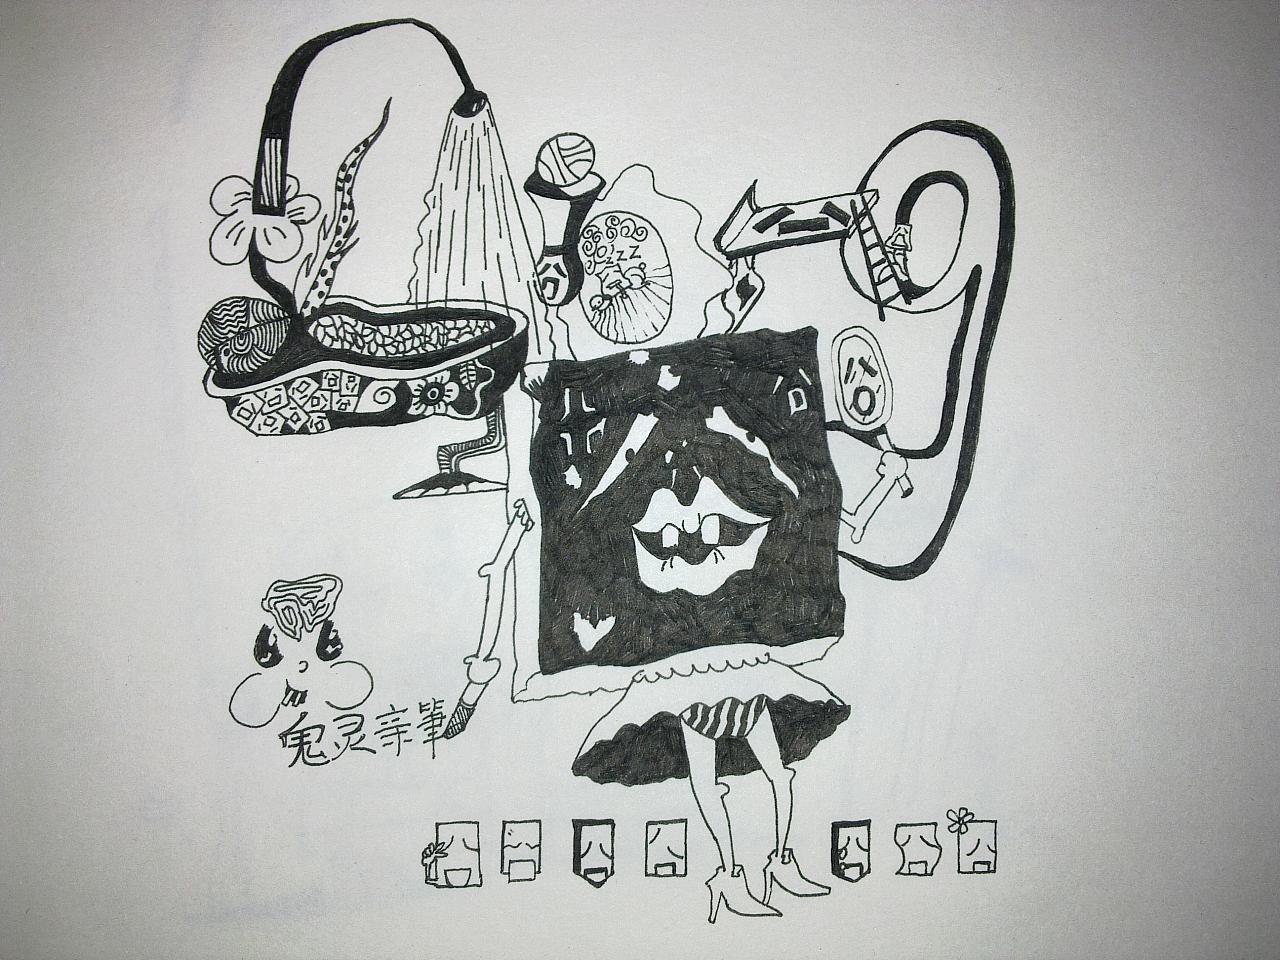 过去的一些简单手绘